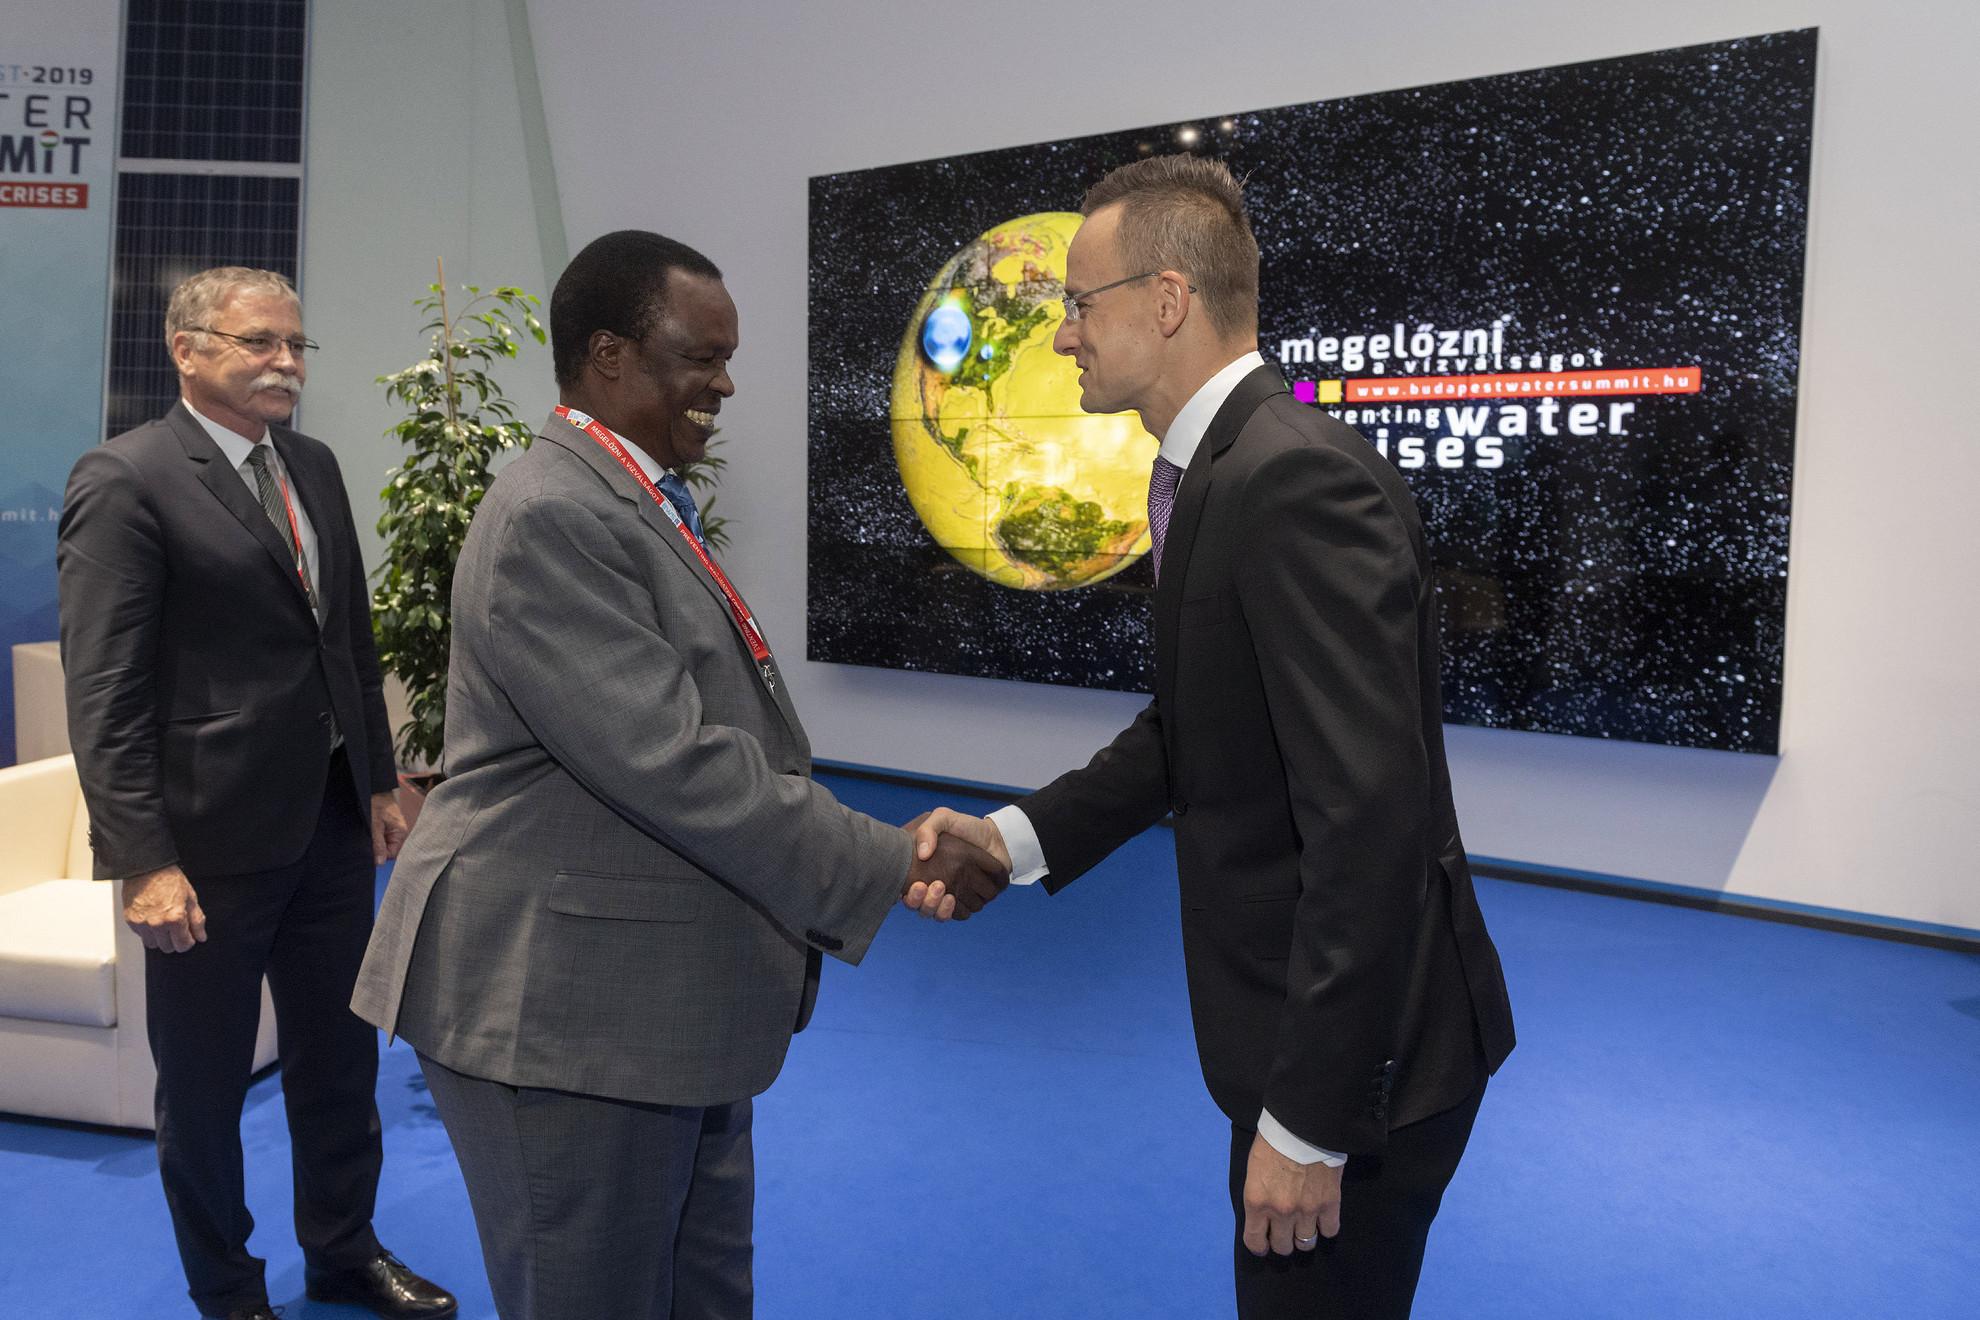 Szijjártó Péter miniszter (j) fogadja a Budapesti Víz Világtalálkozón a magyar fővárosban tartózkodó Sam Cheptoris ugandai vízügyi minisztert